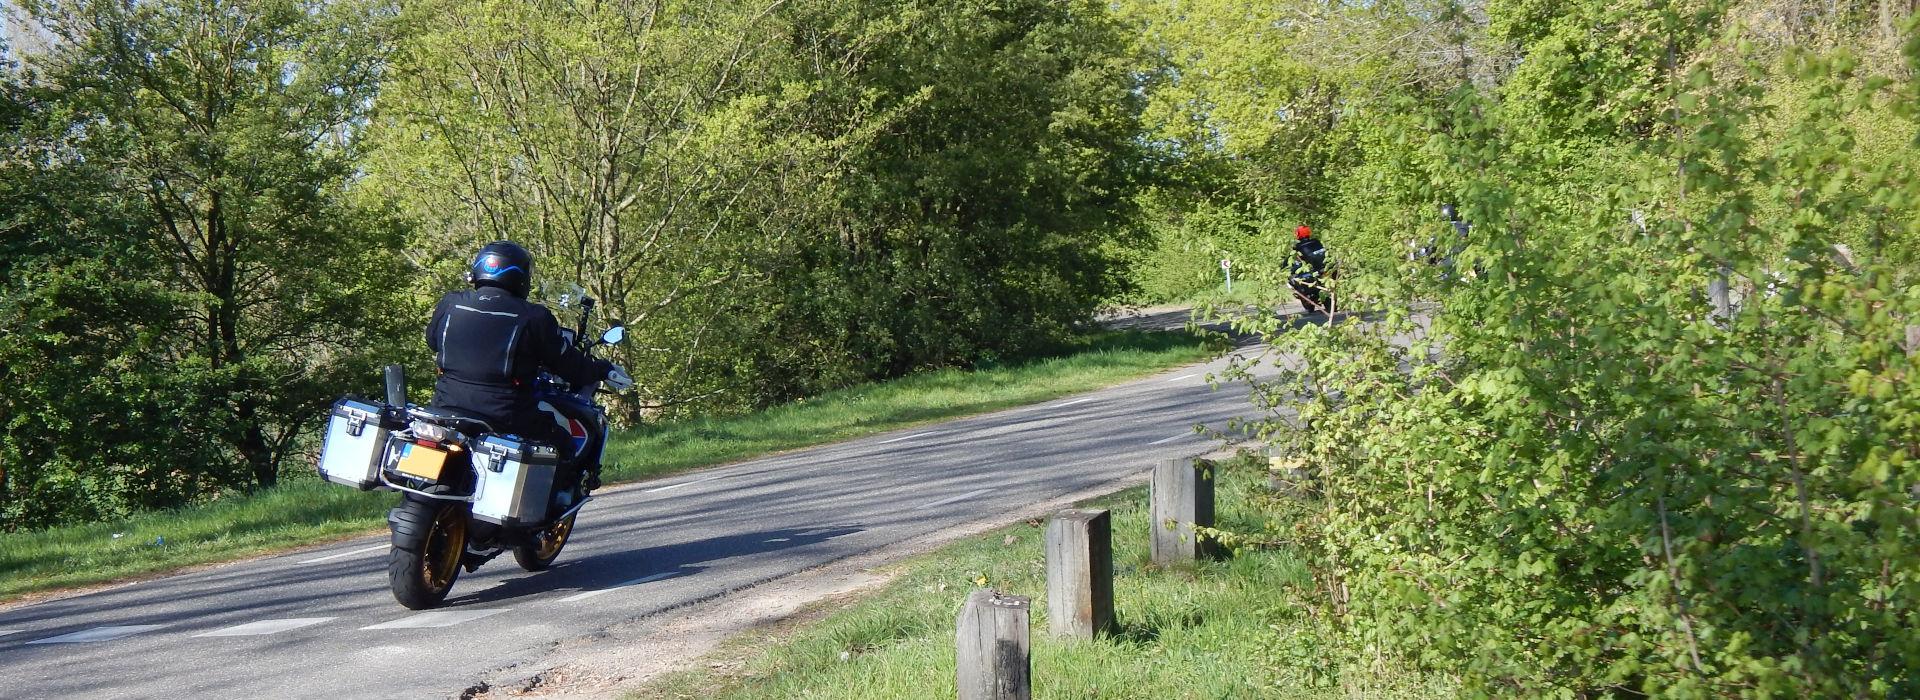 Motorrijschool Motorrijbewijspoint Brunssum motorrijlessen